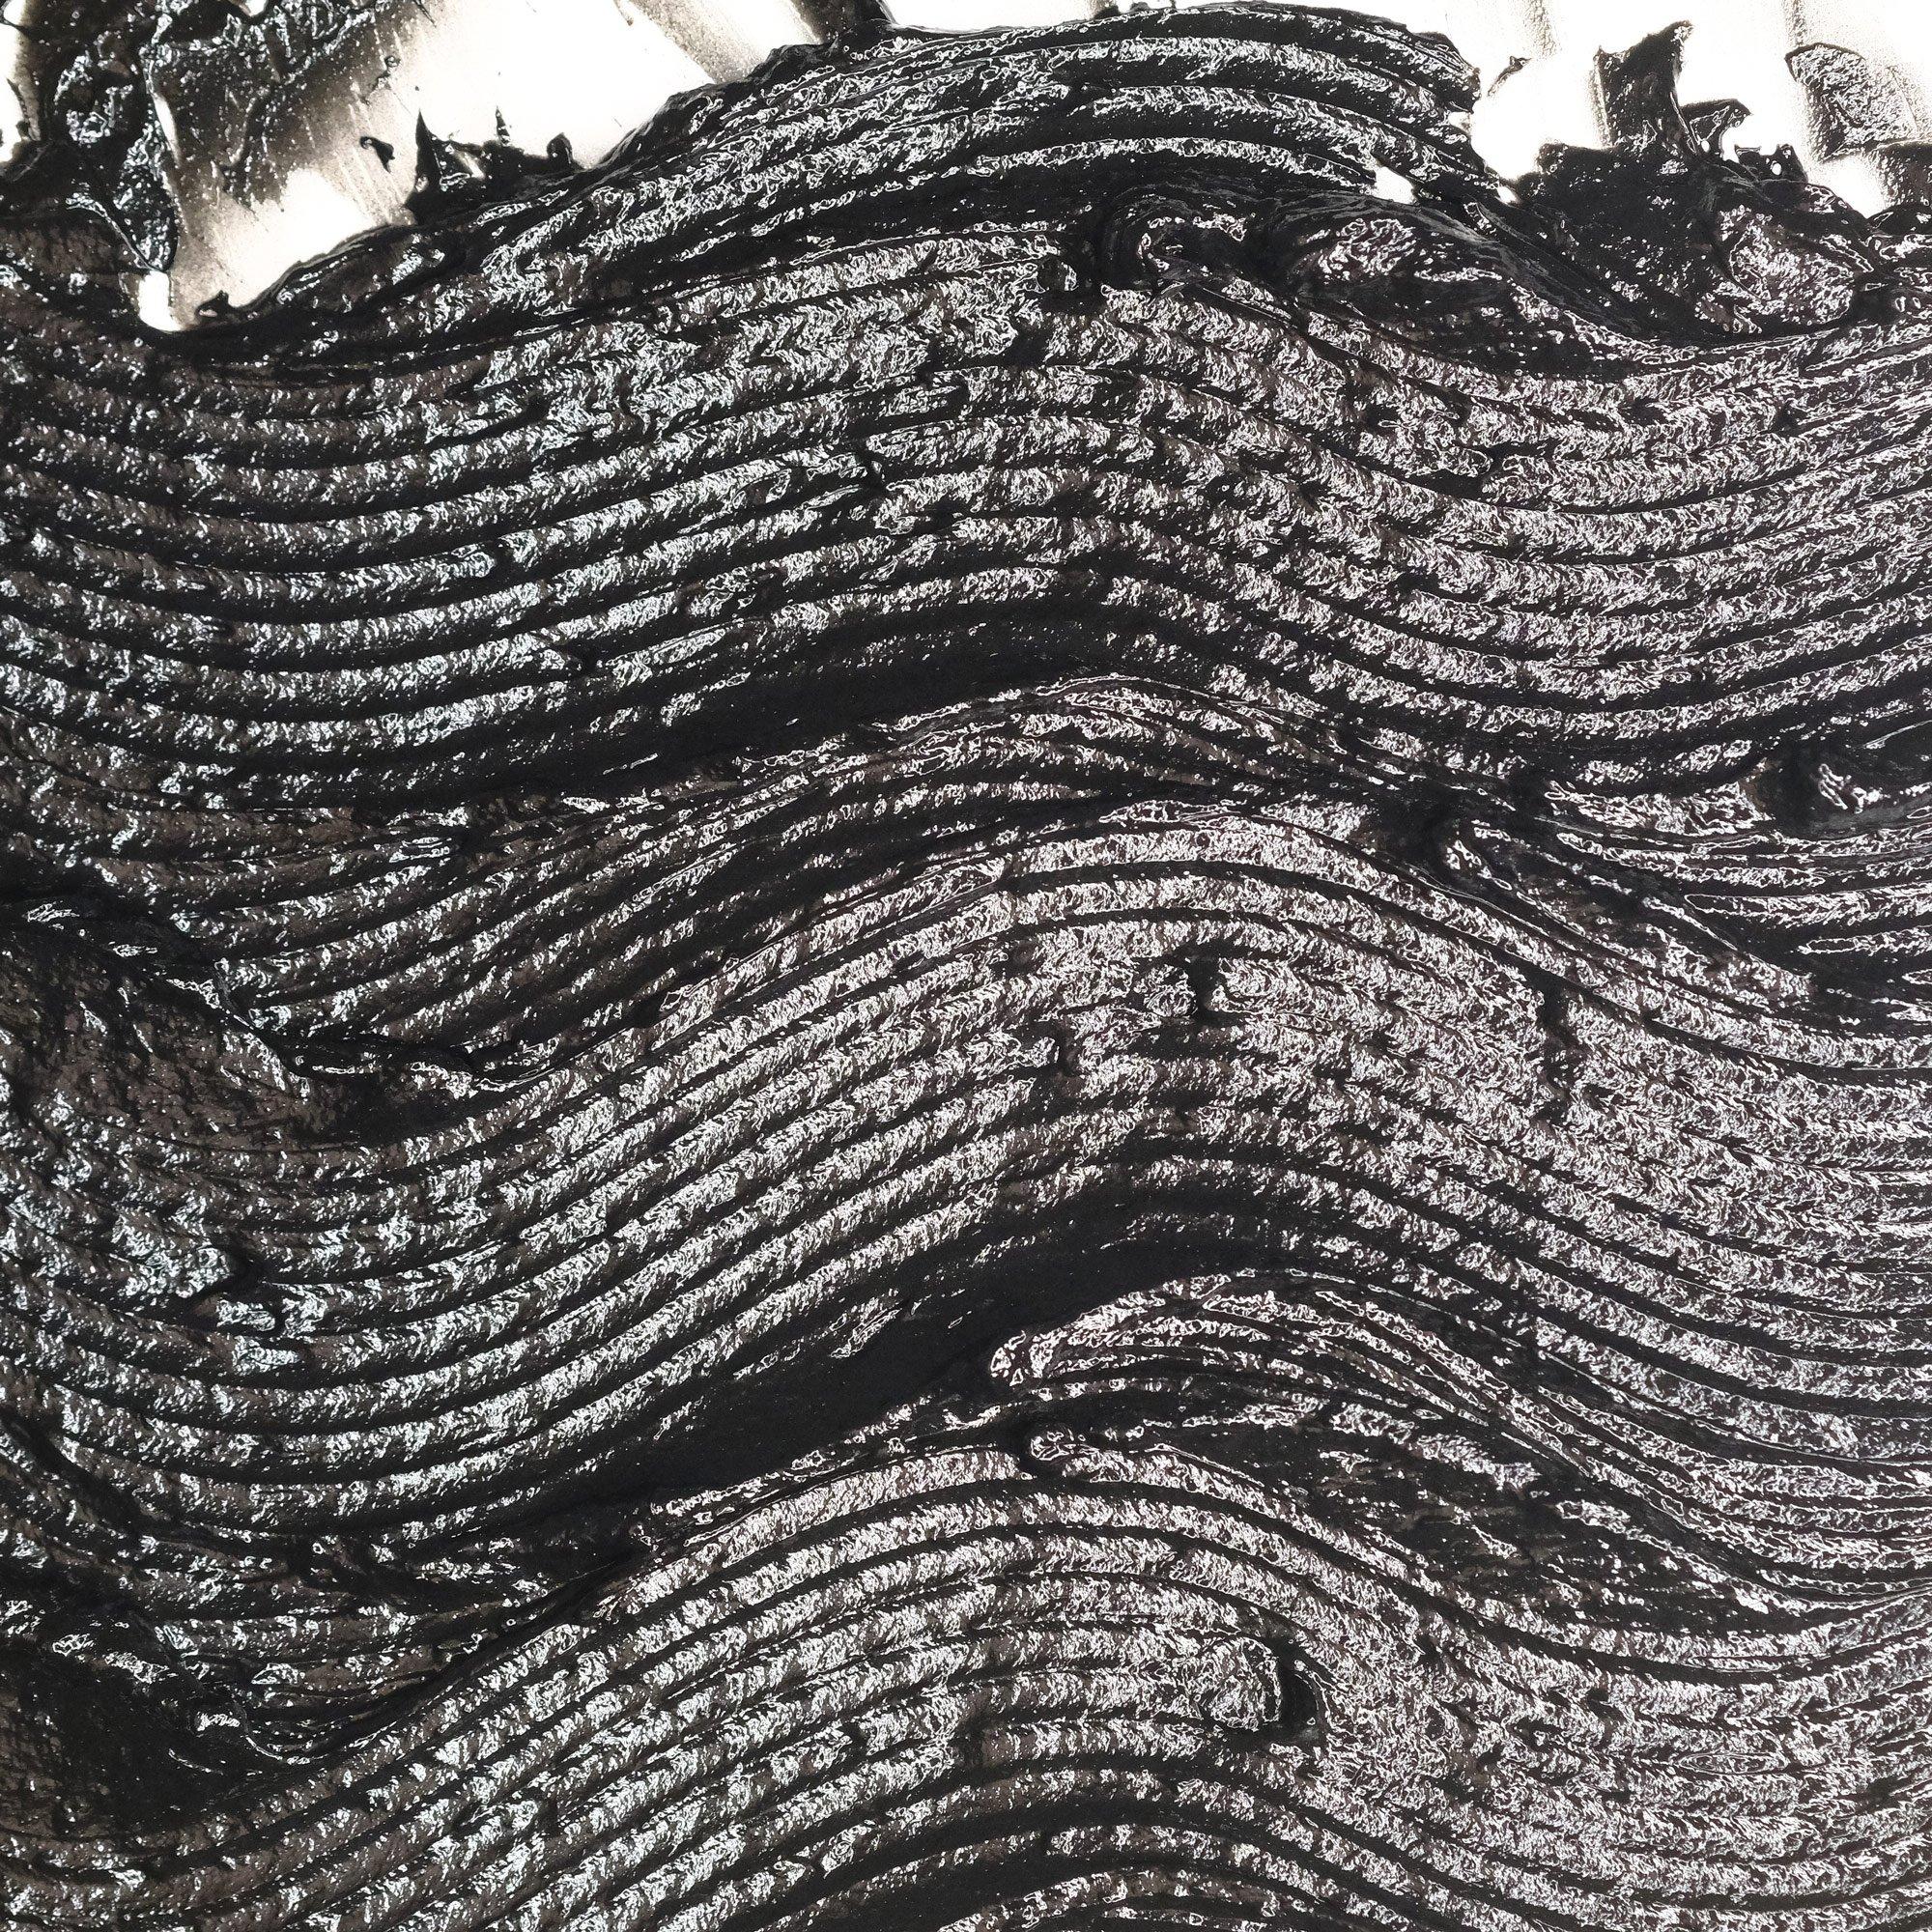 Irish Moor Mud - Peter Thomas Roth Skin Care Ingredient Glossary